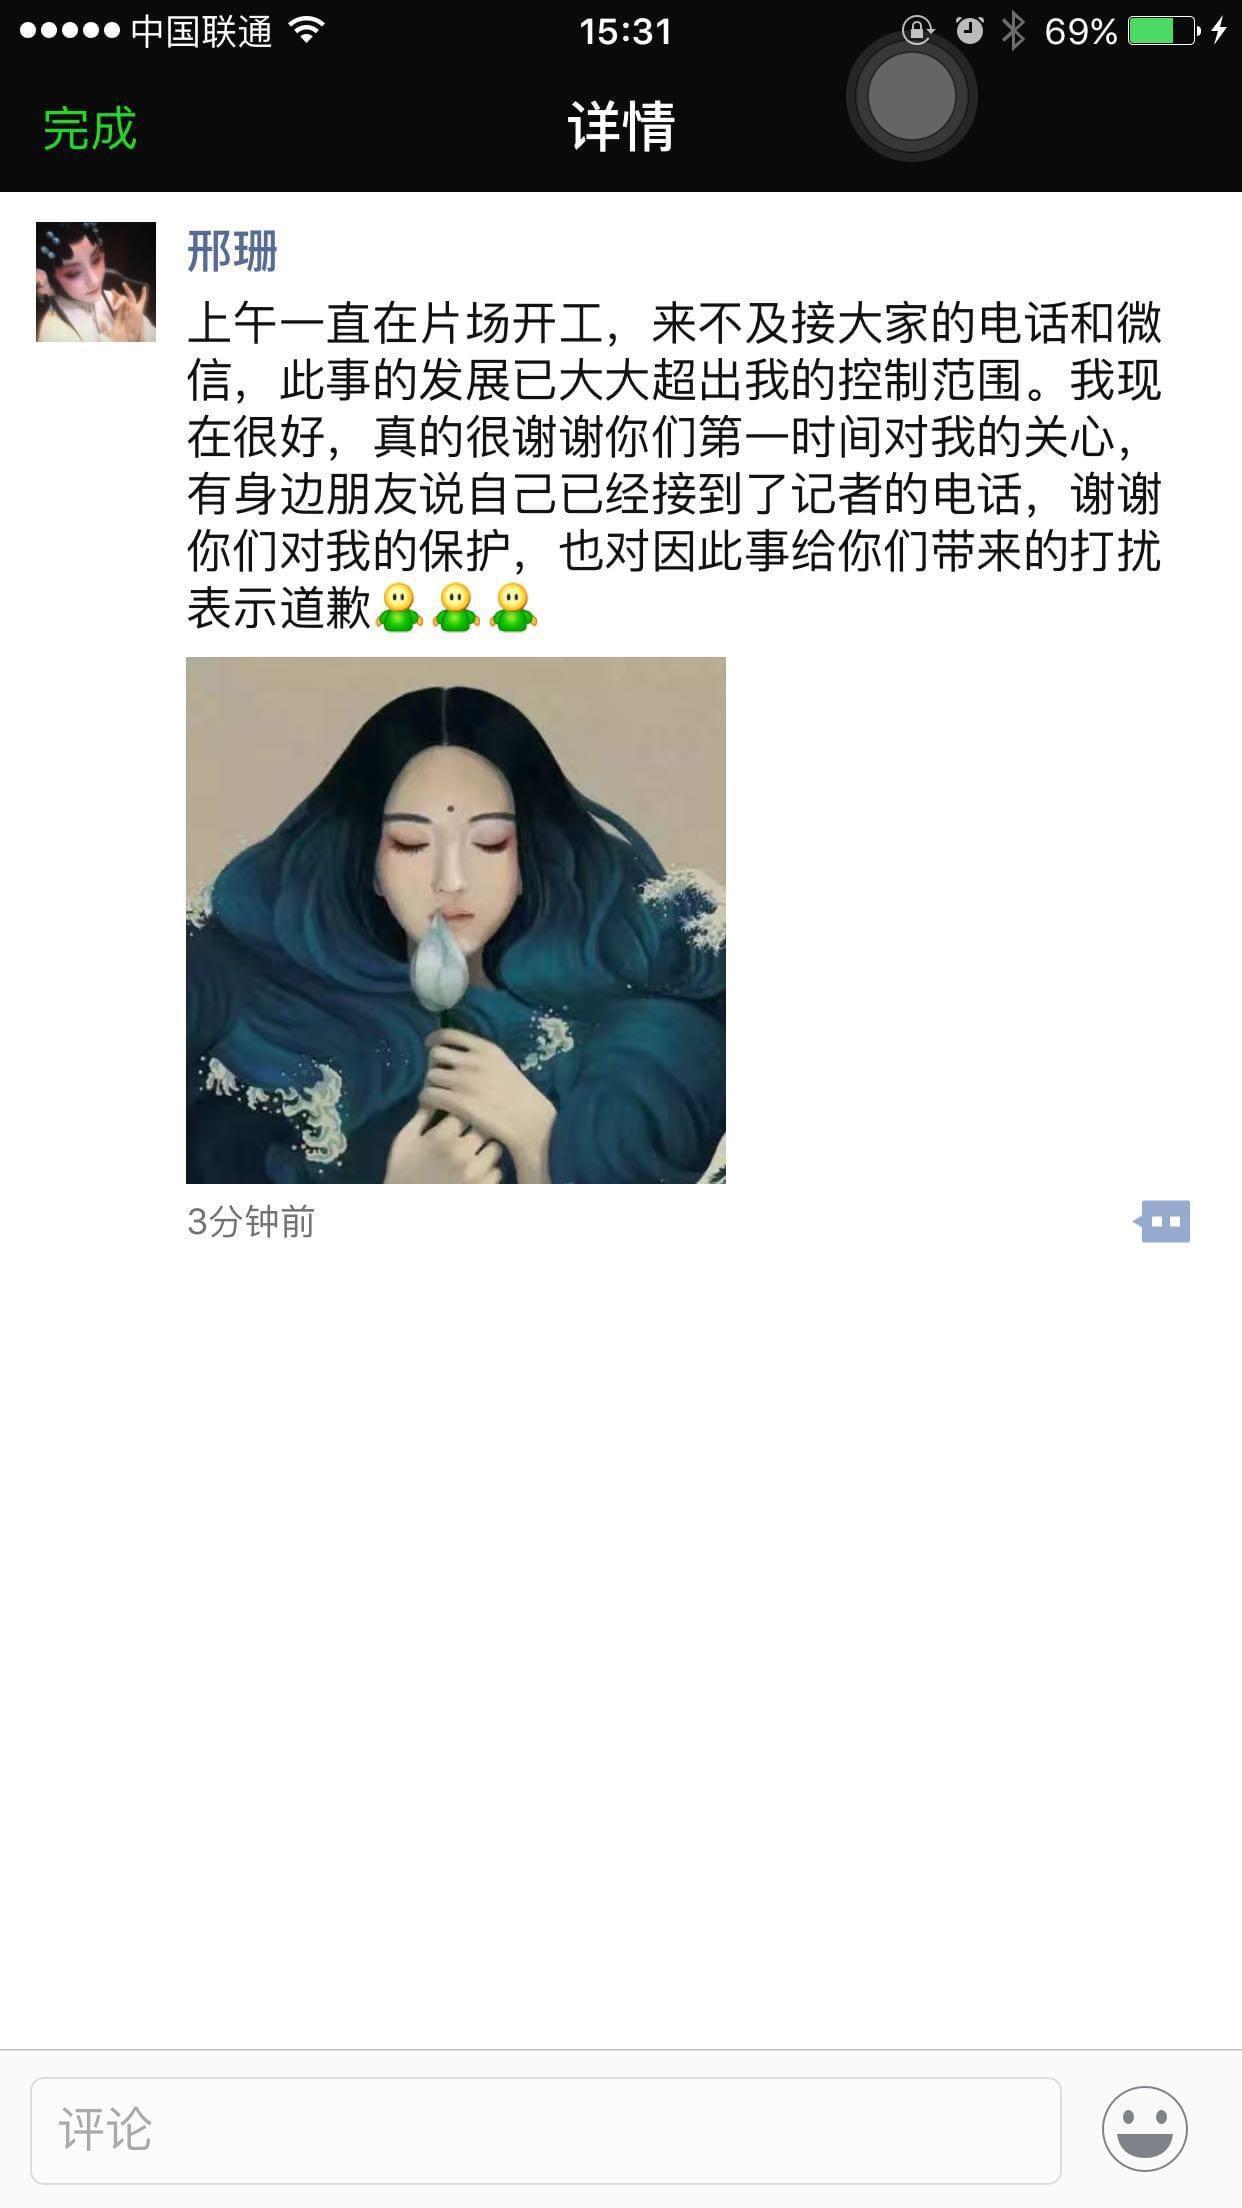 女演员被曝是郭德纲旧情人 回应:事情超控